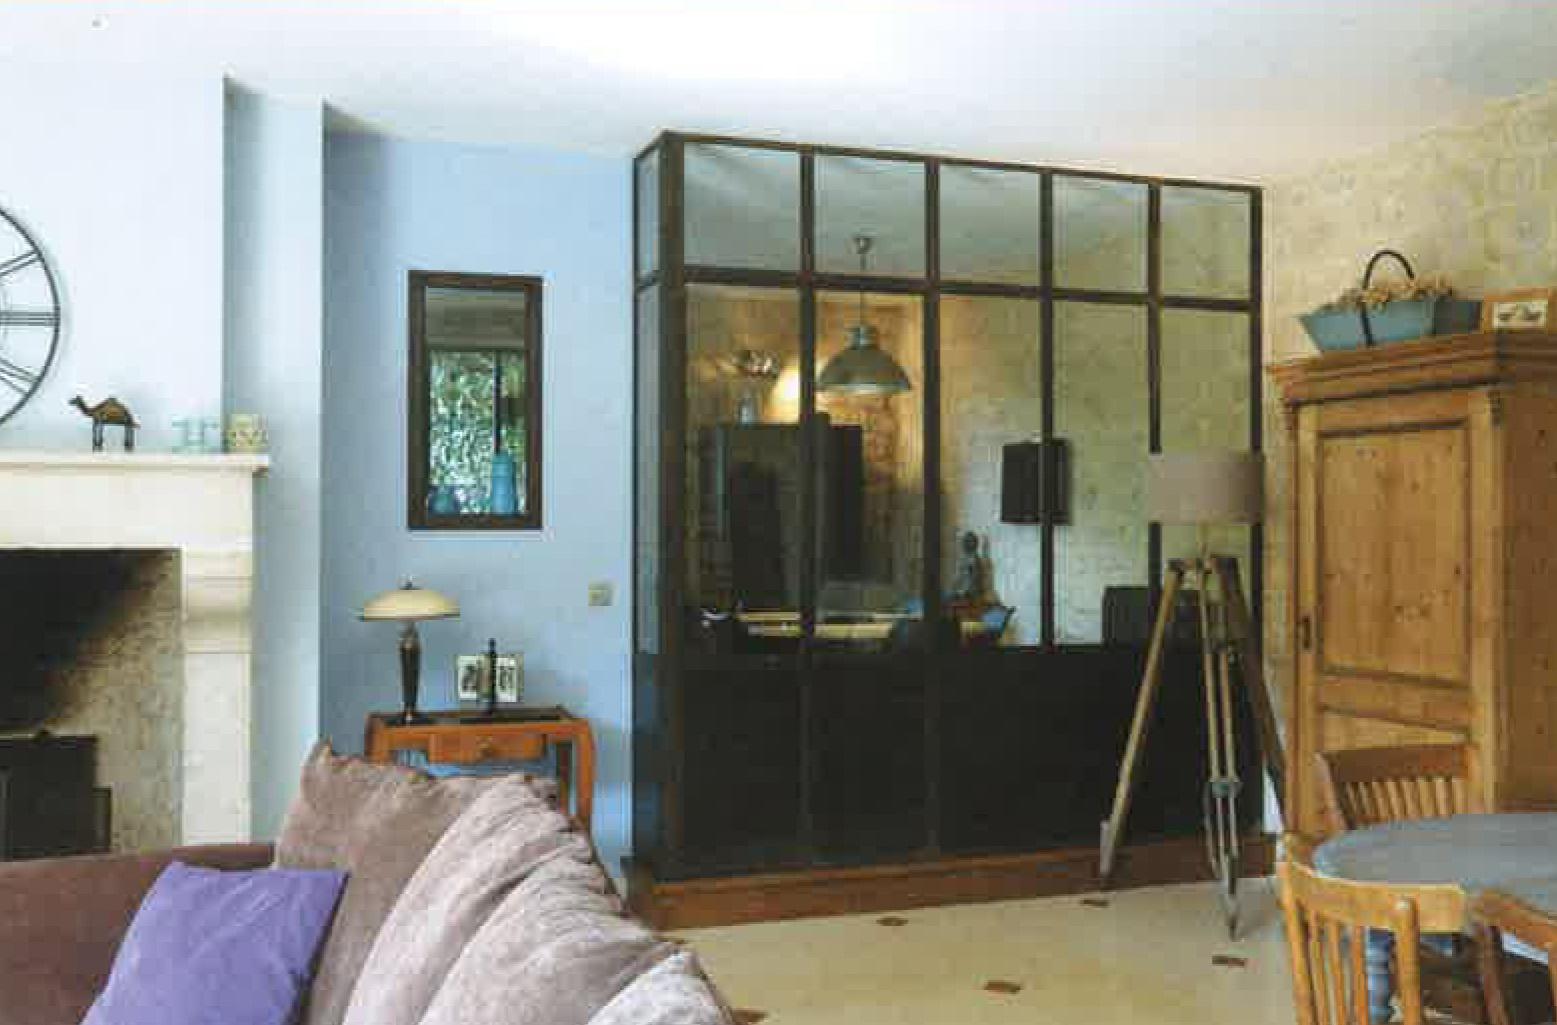 Verre Clair Saint Maximin une verrière dans votre maison - verre clair